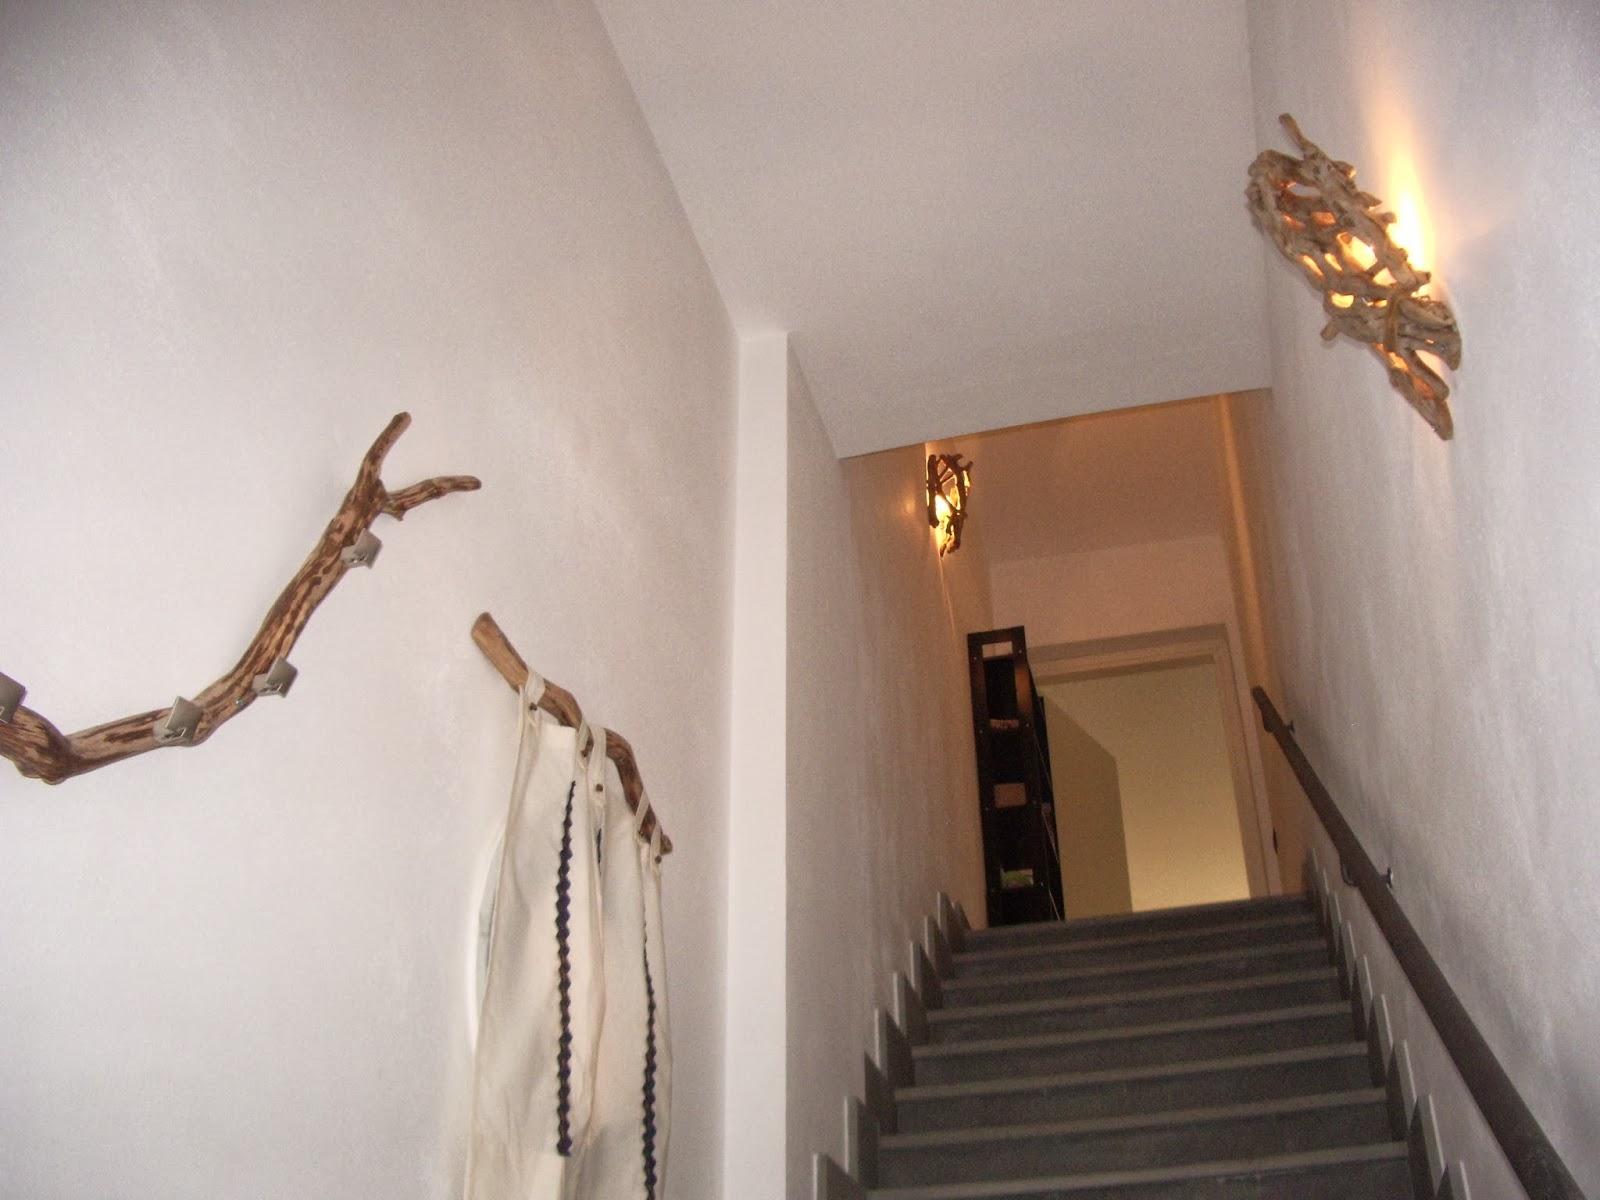 Filippo gianchecchi architetto fai da te appliques edera - Applique da parete fai da te ...